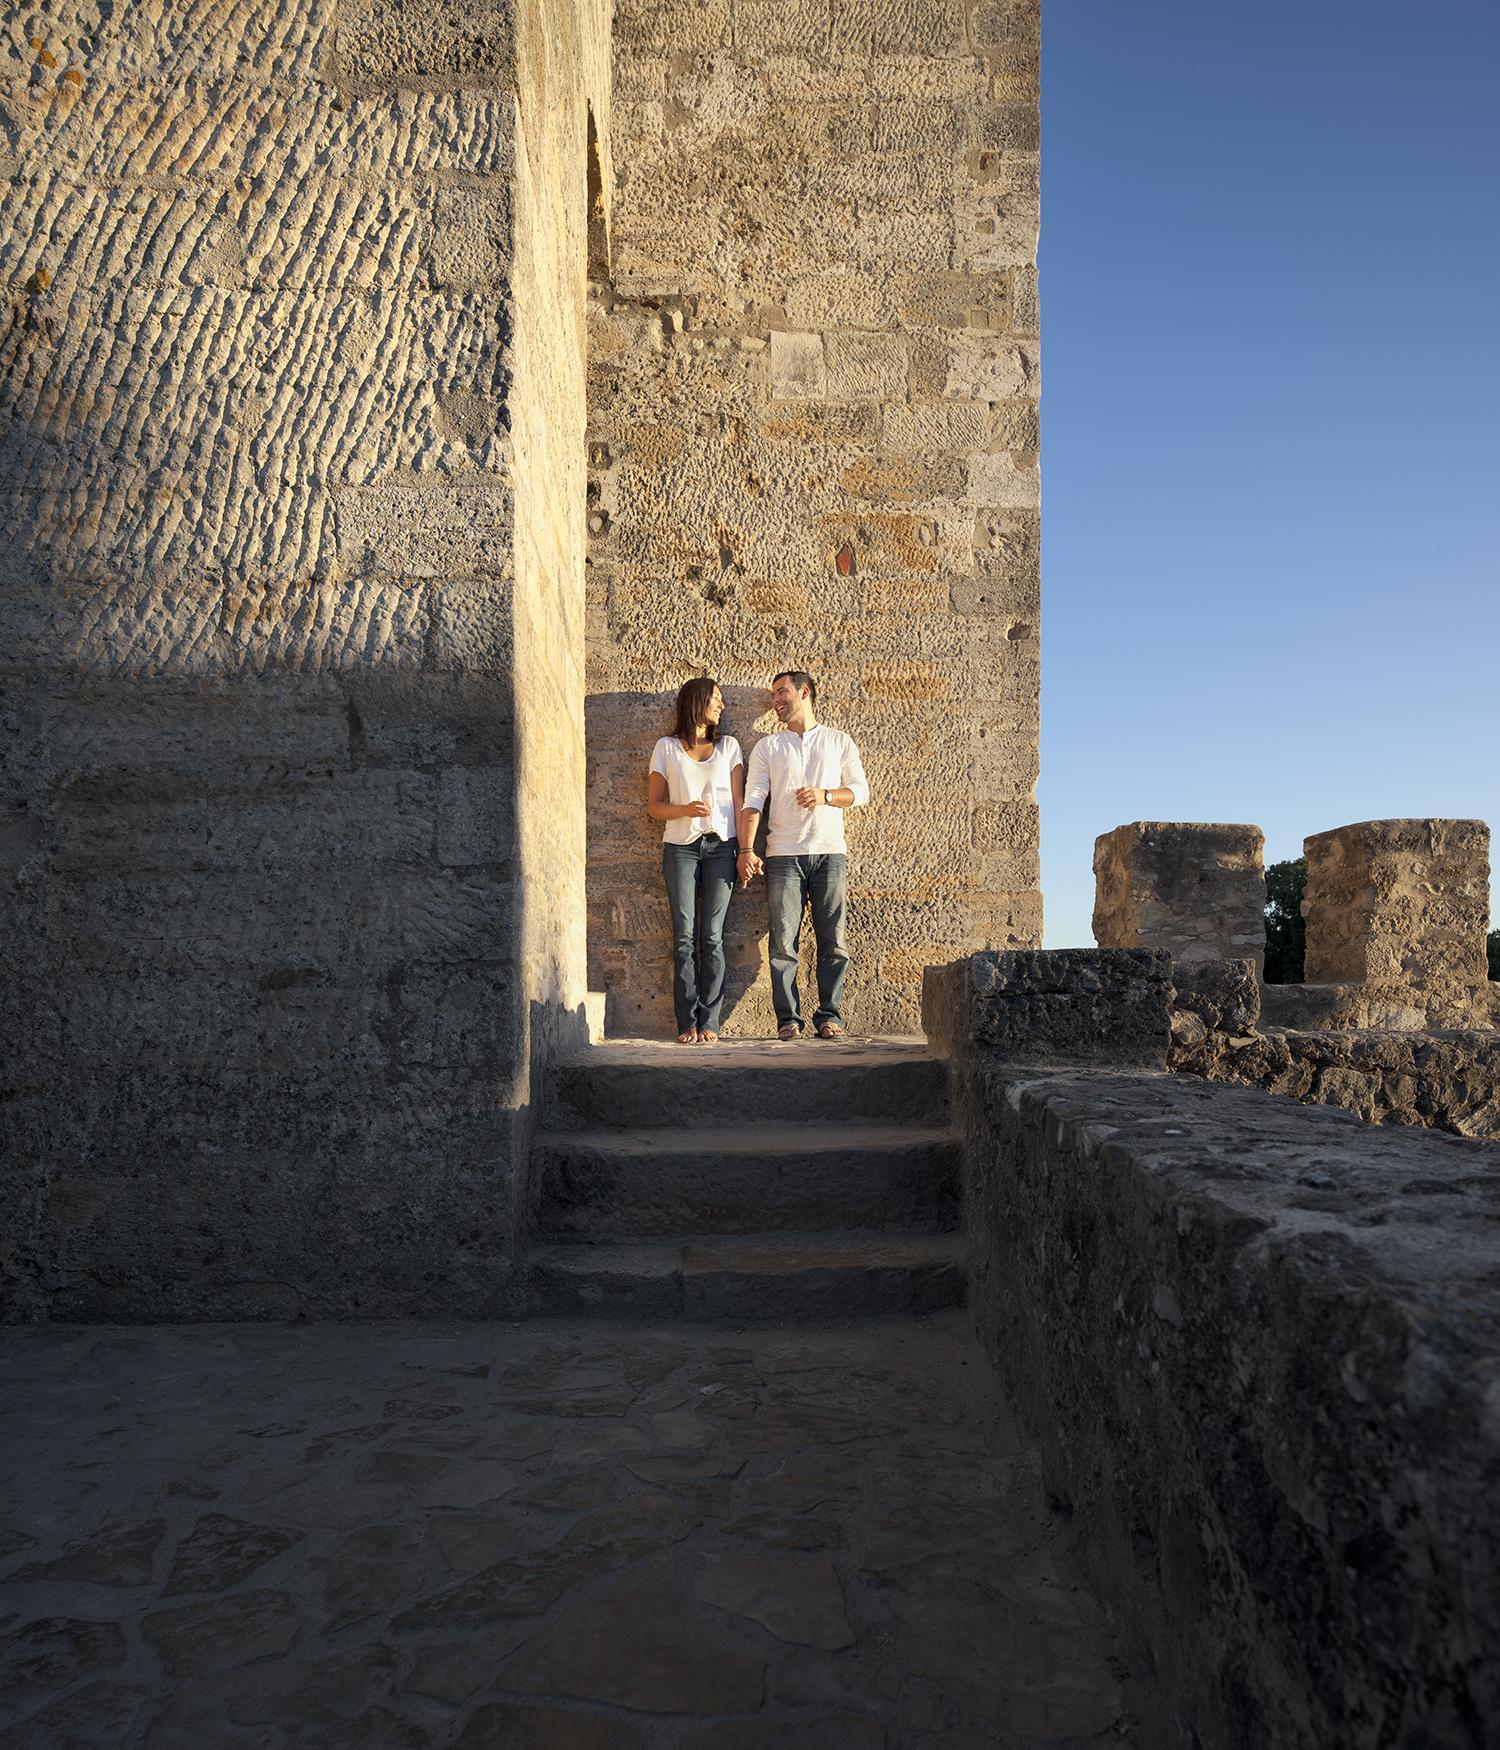 sessao-fotografica-pedido-casamento-flytographer-castelo-sao-jorge-lisboa-terra-fotografia-019.jpg